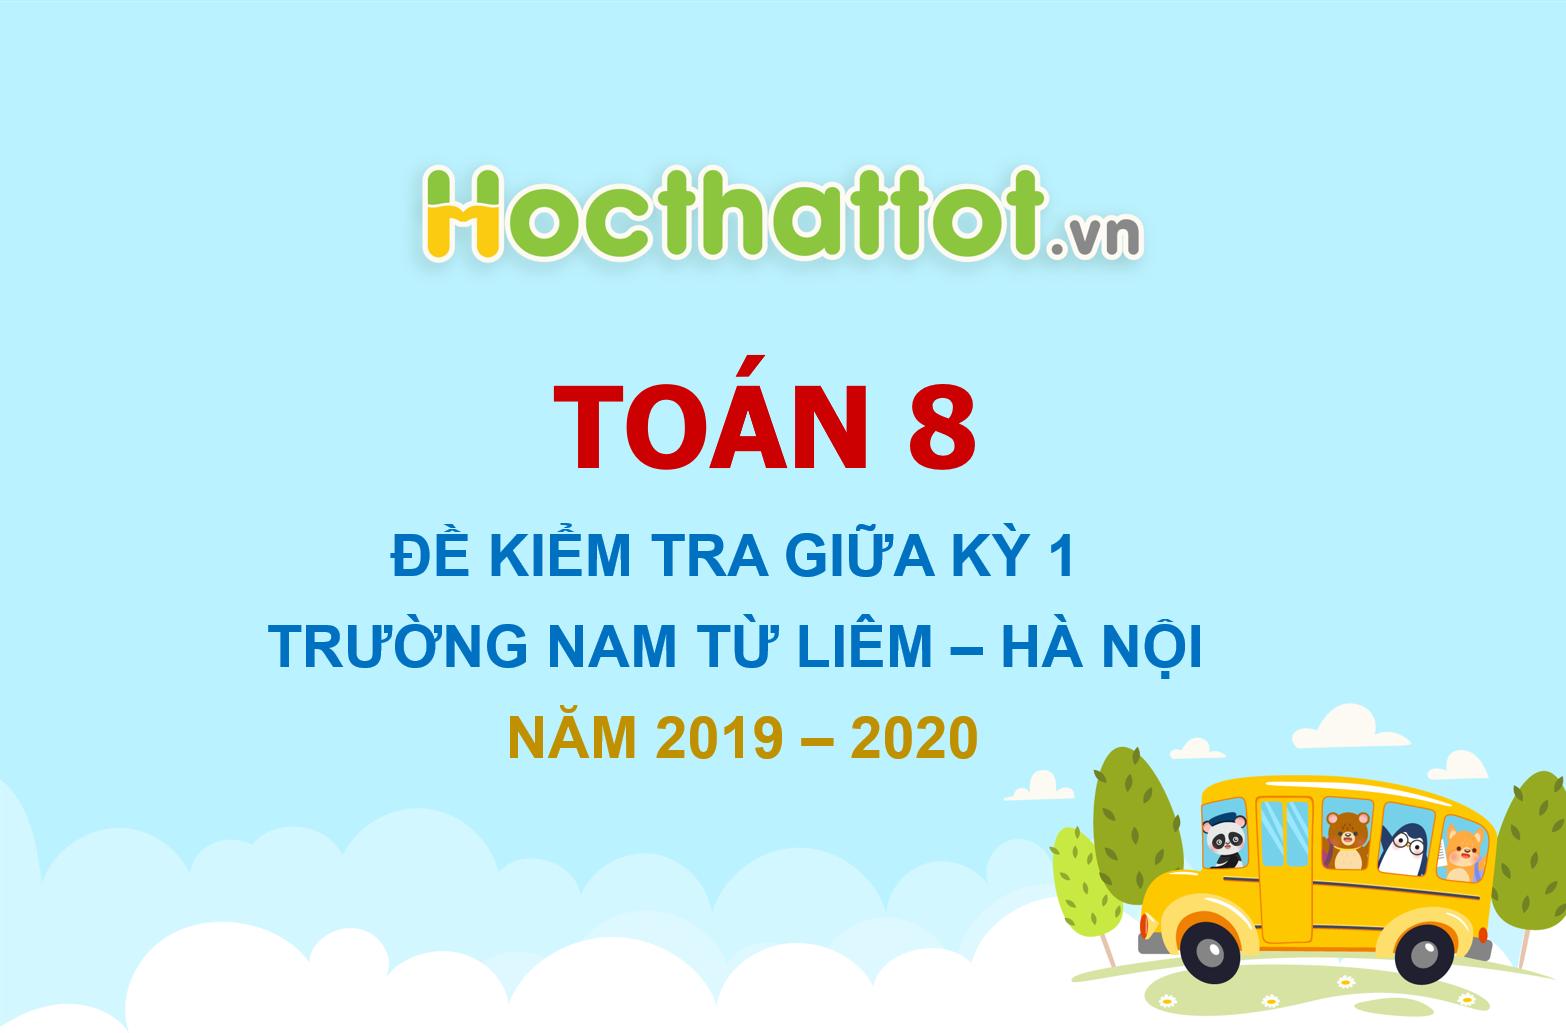 de-kiem-tra-giua-ky-1-toan-8-nam-2019-2020-truong-nam-tu-liem-ha-noi